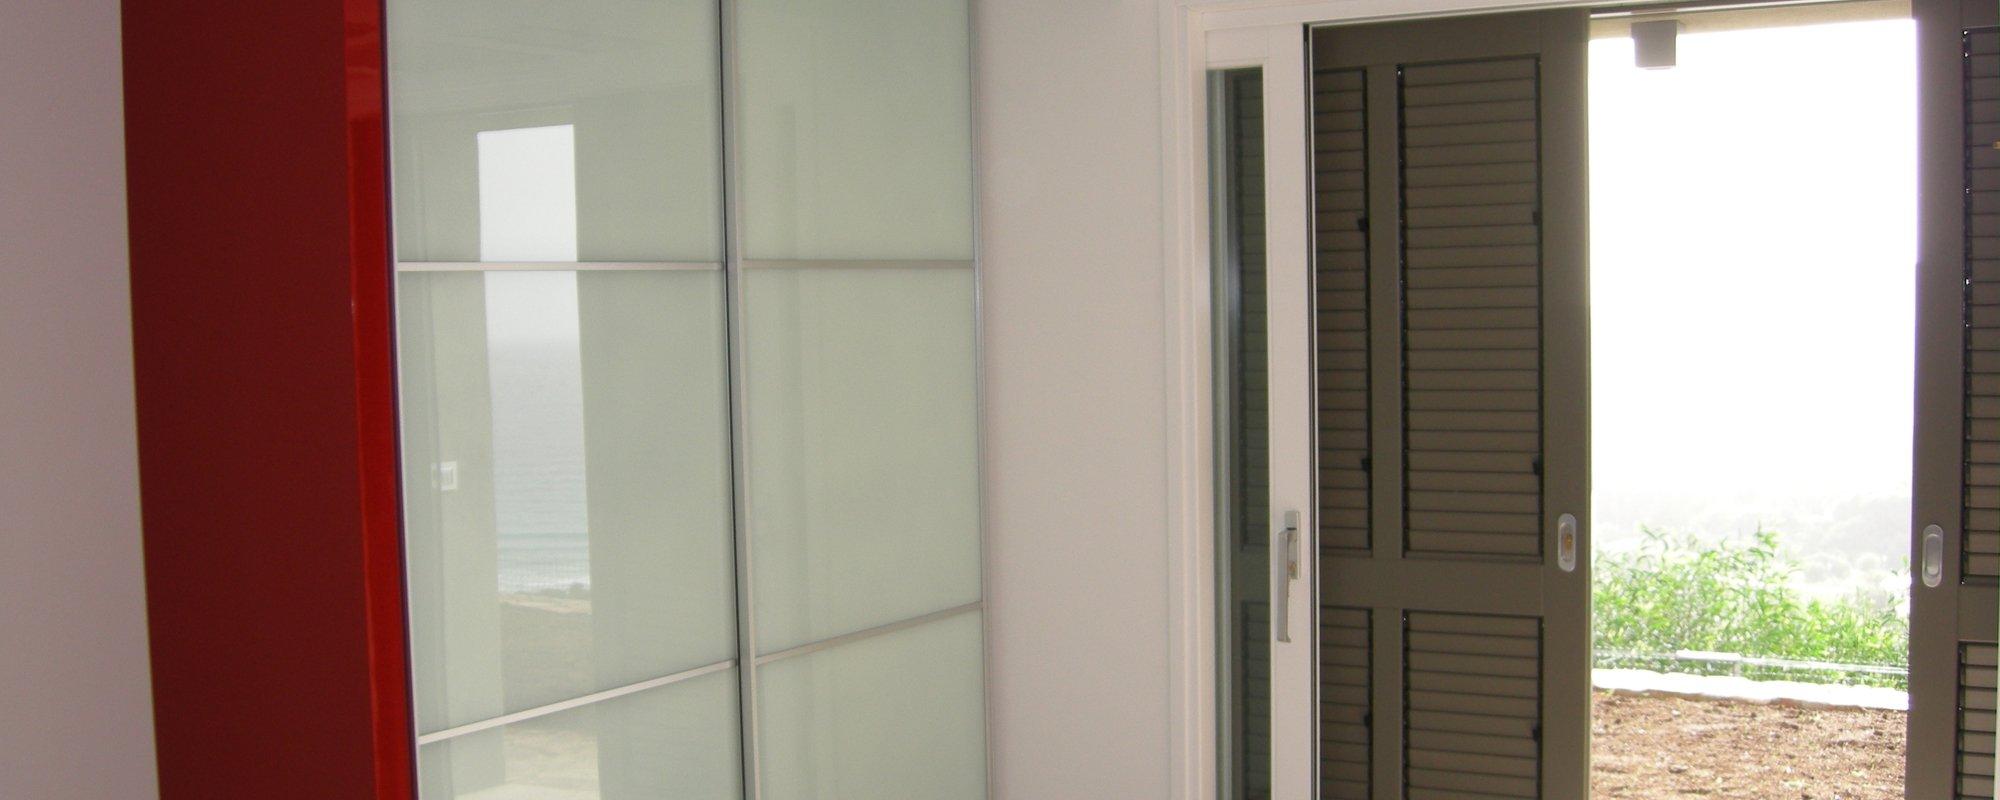 Camera da letto con armadio ad ante scorrevoli in vetro e porta finestra aperta